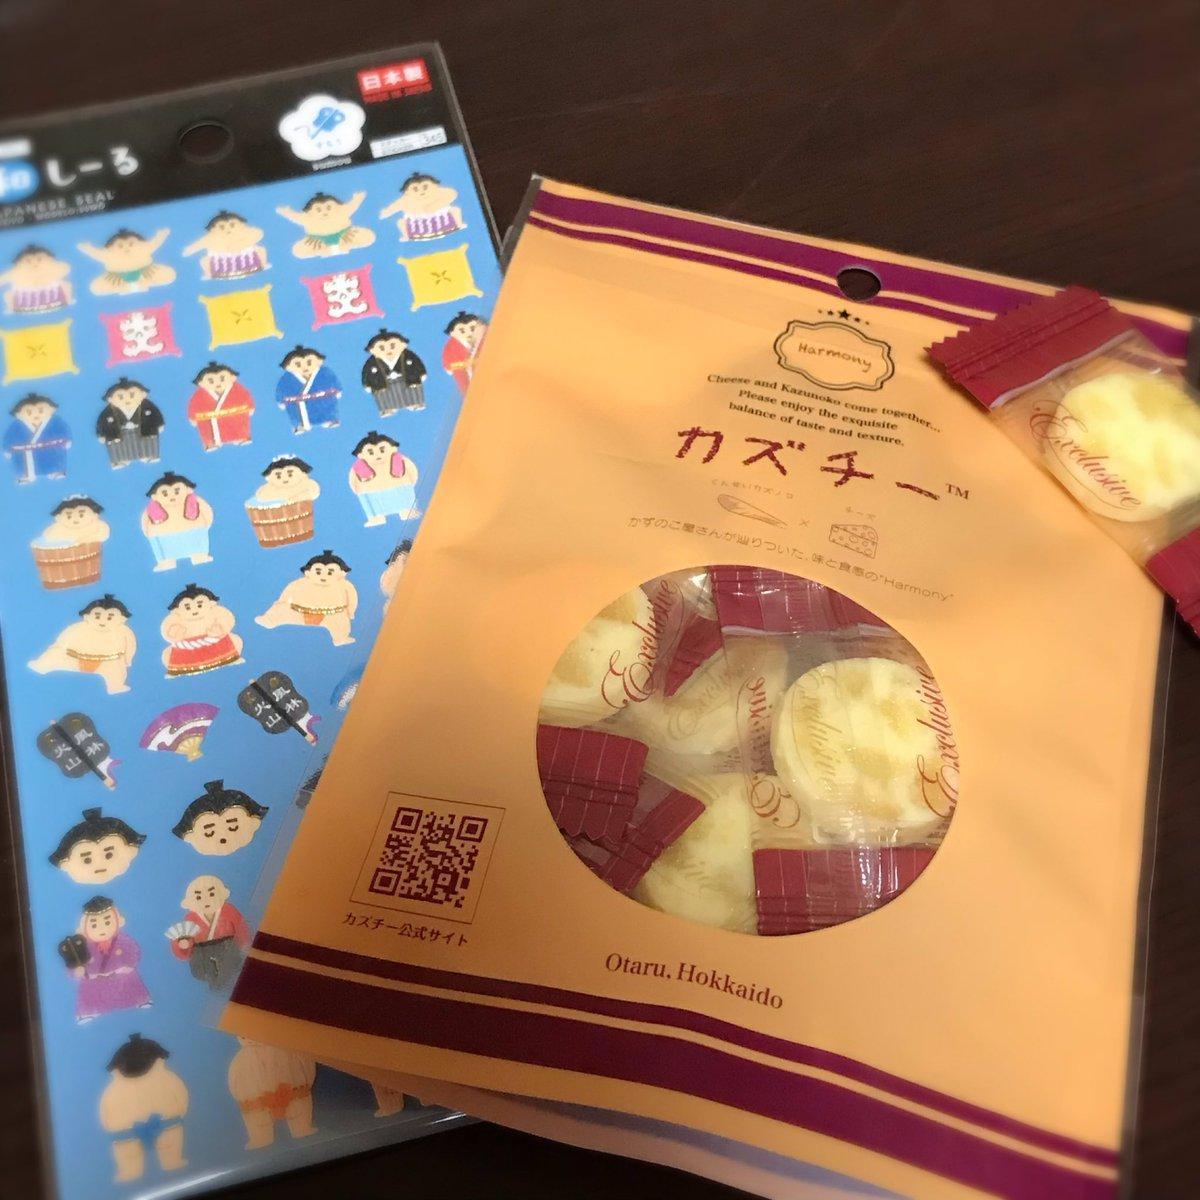 test ツイッターメディア - 前に食べた #カズチー 美味しかったな🤤 こういうのを #悪魔の食べ物 っていうのか…😈  #お相撲さん の #シール は #ダイソー の https://t.co/LaK84e4Mni